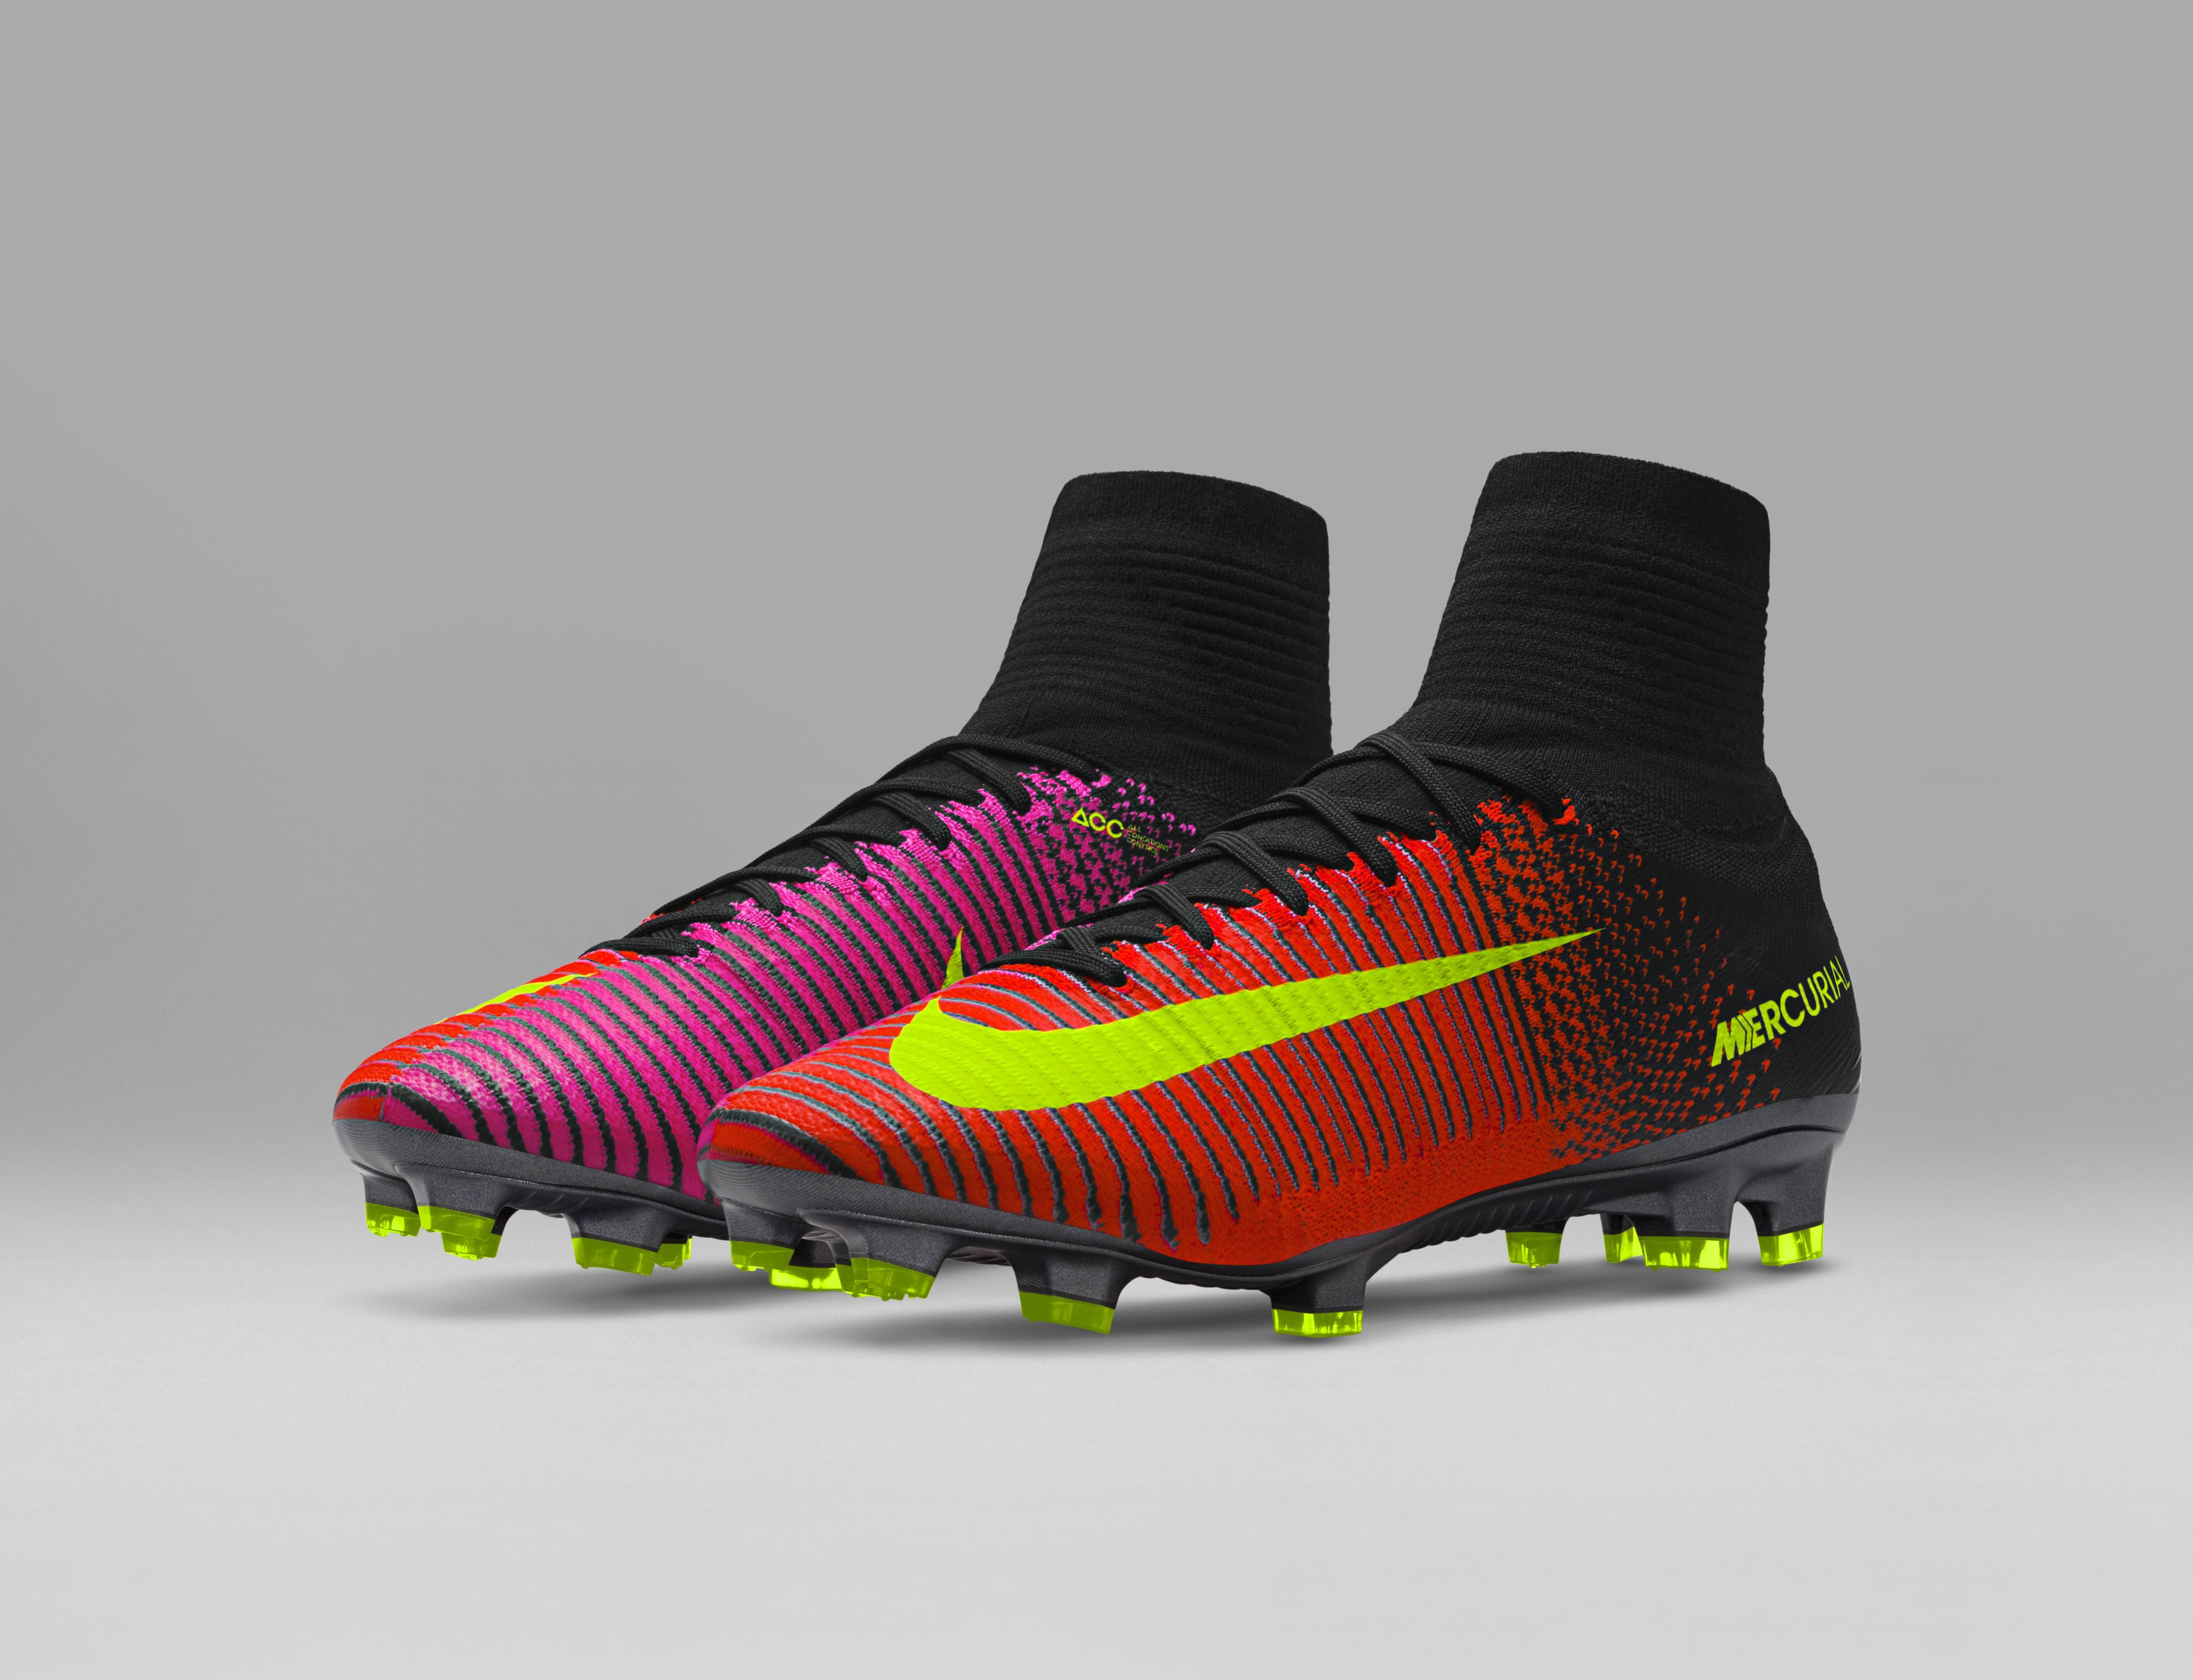 f709fcca3747dc Scarpe da calcio Nike Spark Brillance Pack: la collezione per Euro 2016